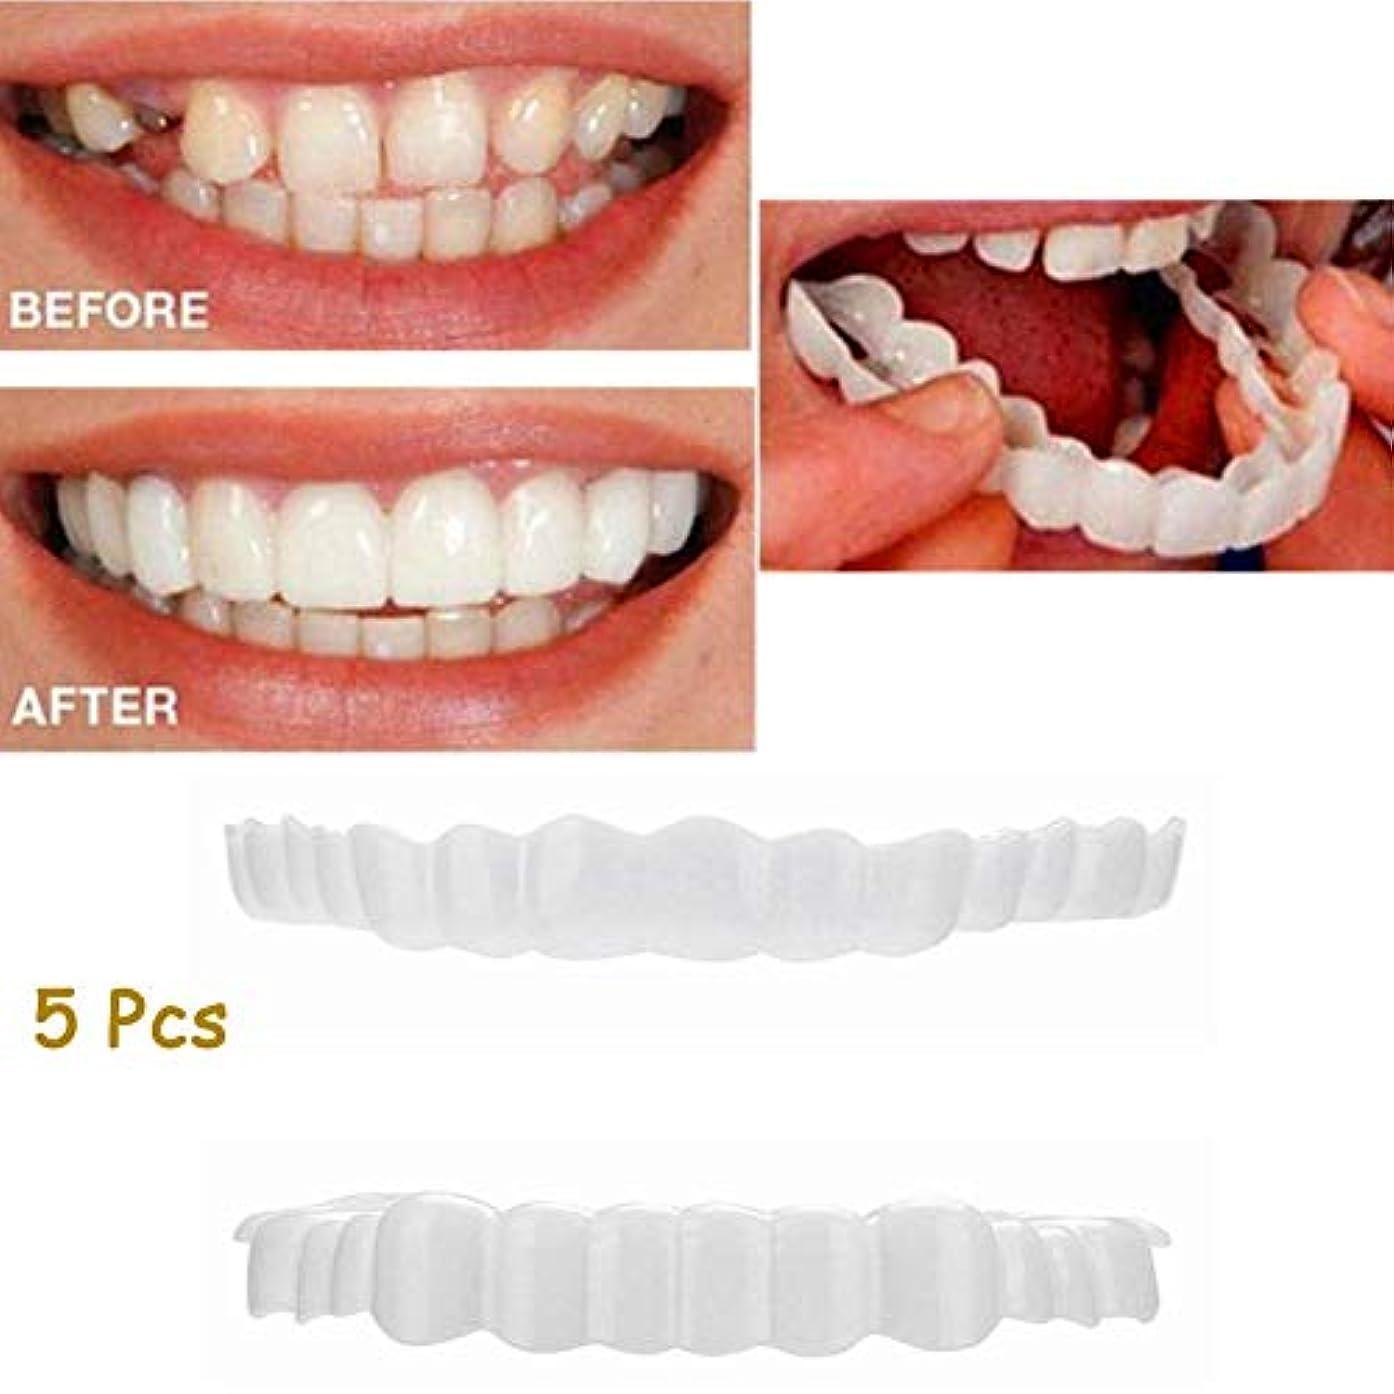 積極的にトークン長さ5ピース上歯+下歯セットインスタントパーフェクトコンフォートフィットフレックス化粧品歯入れ歯歯ホワイトニングスマイルフェイク歯